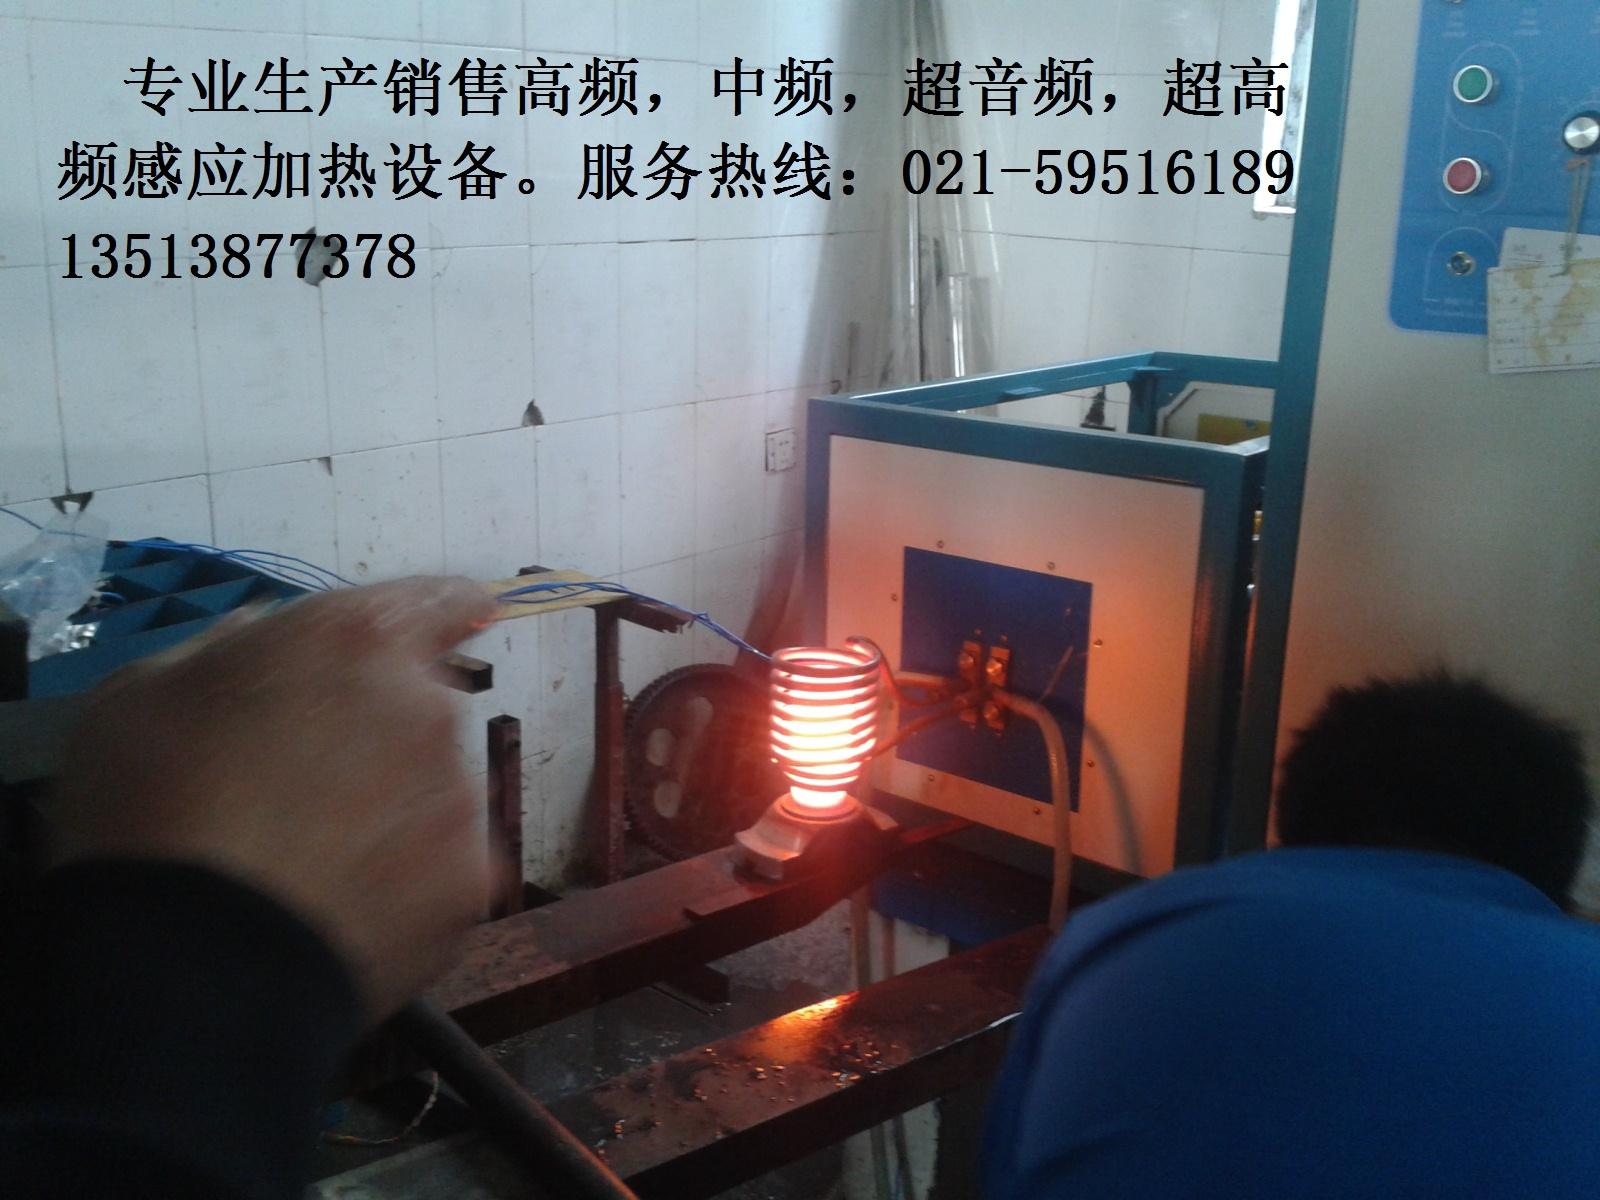 永达高频上海服务所,1351877378   0215951618